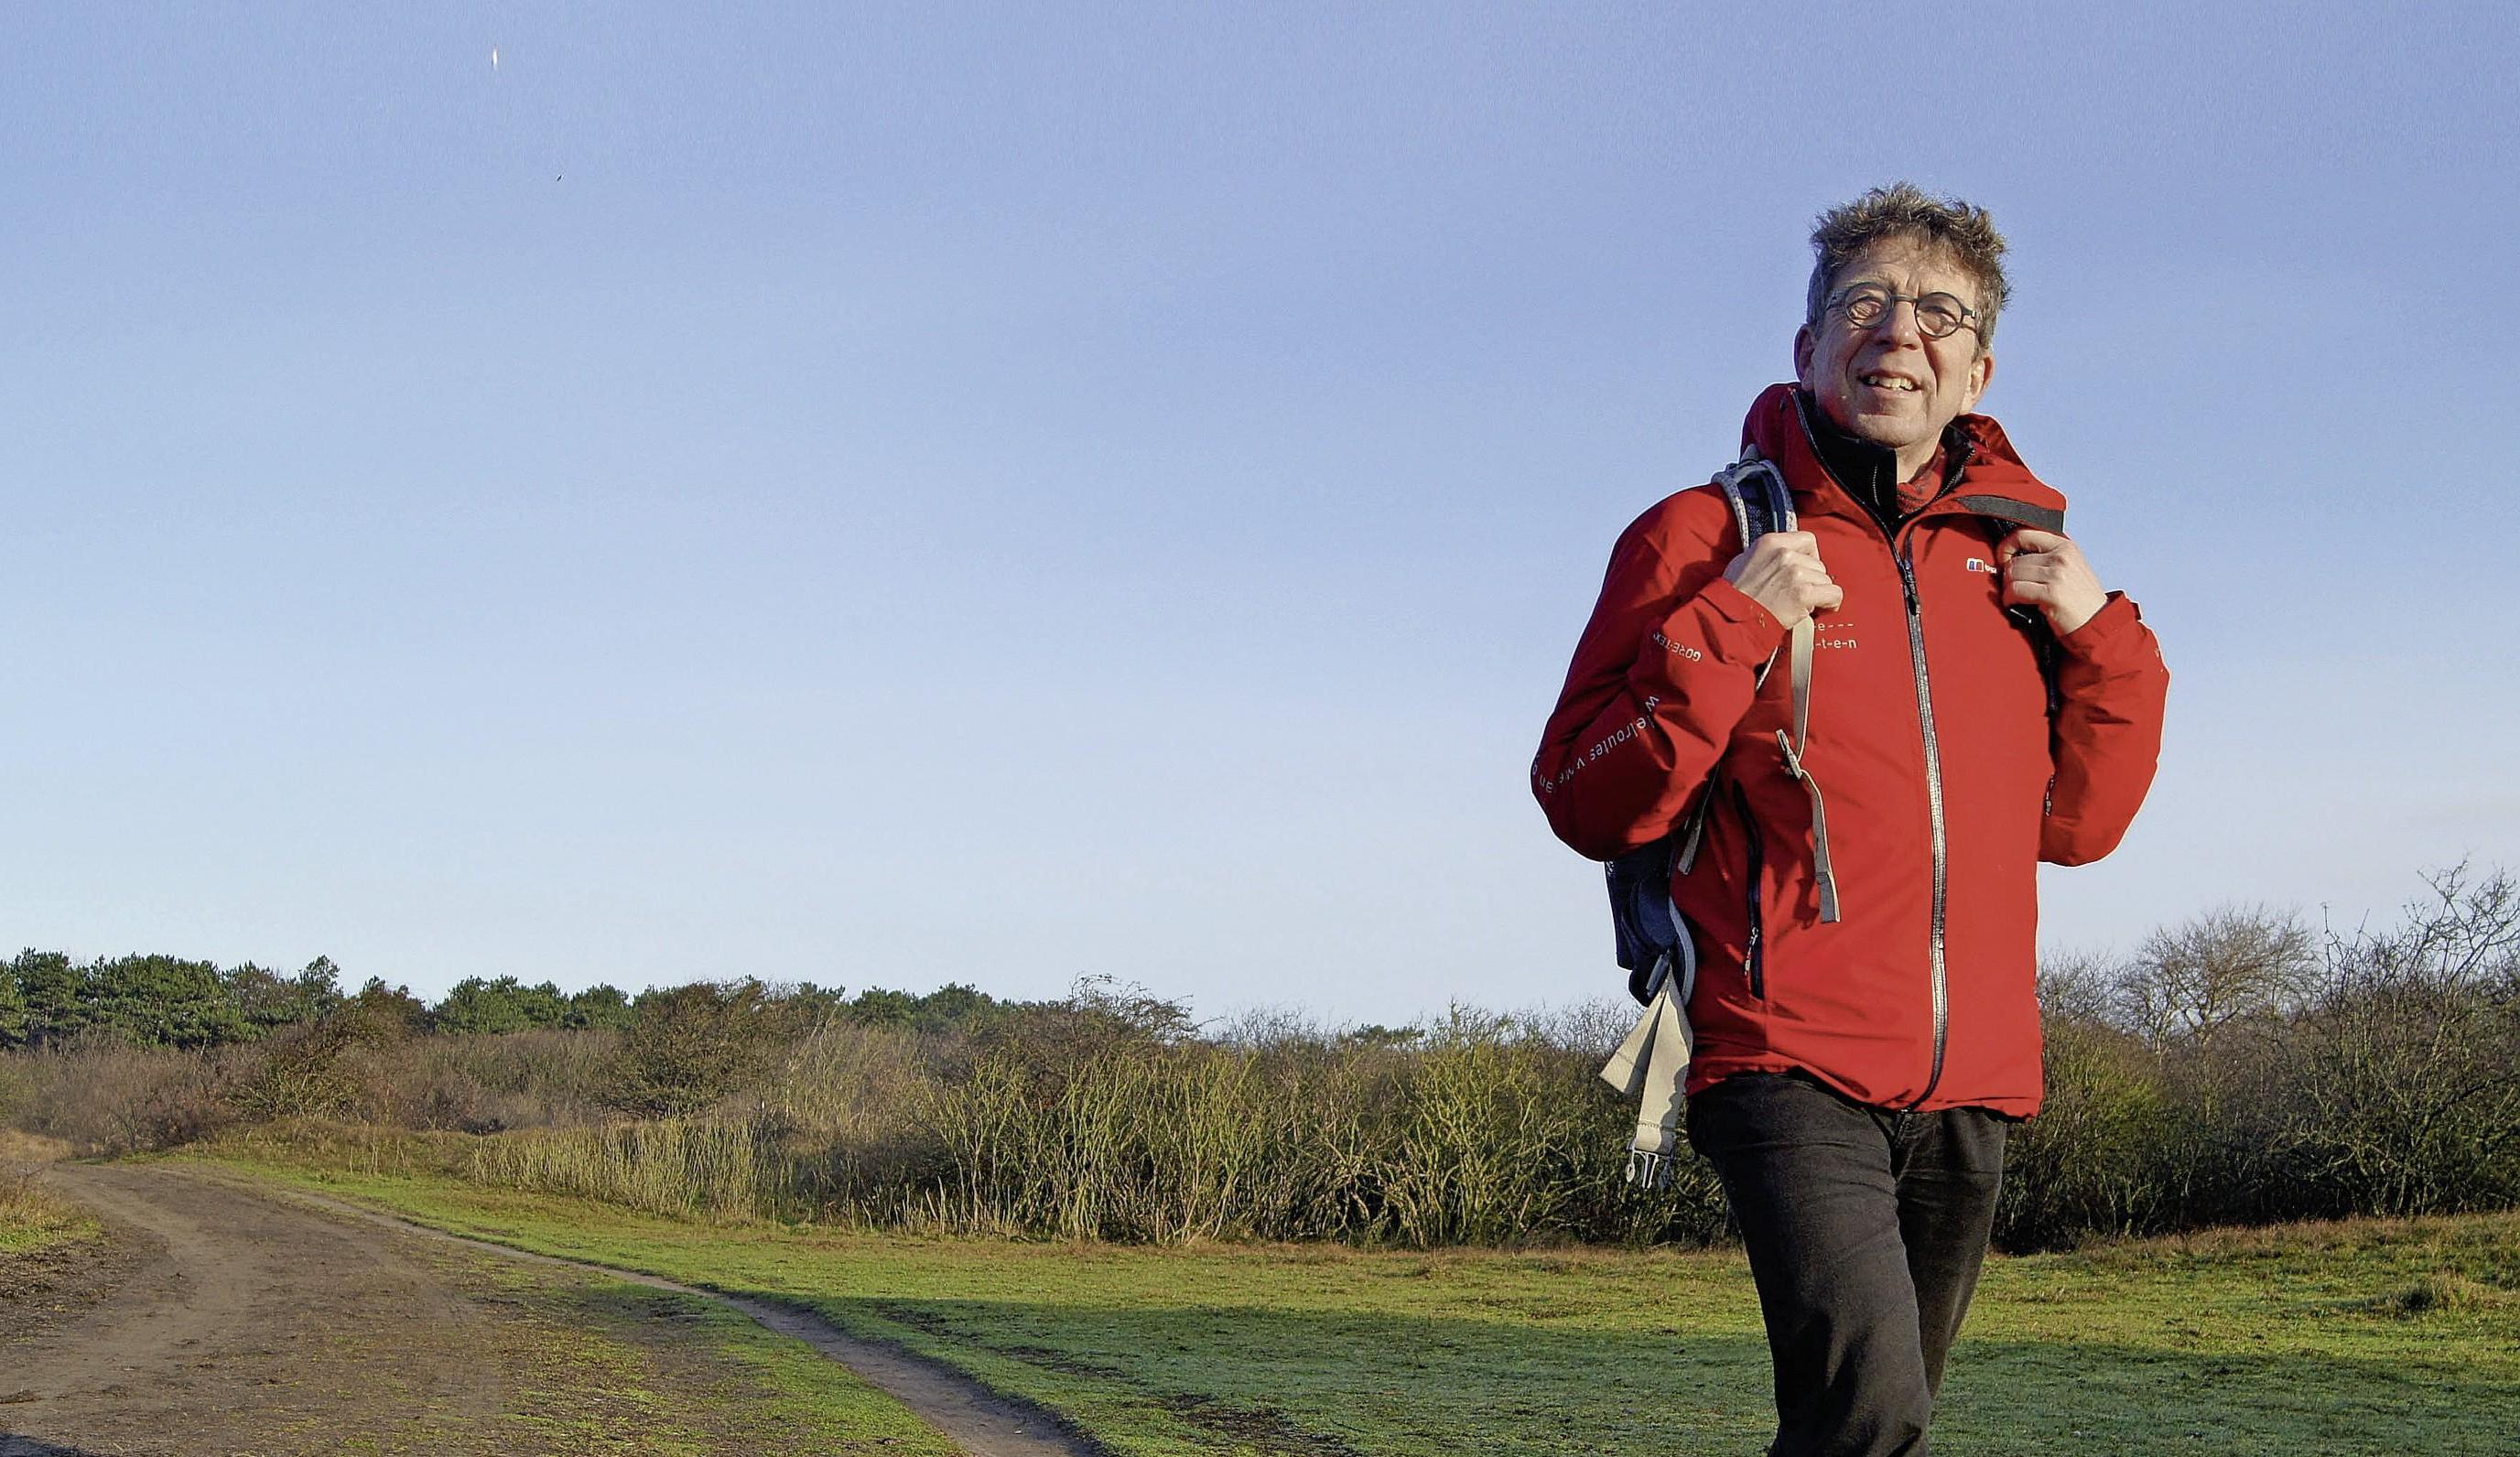 'Mijn beroep is dus wandelroutemaker.' Rutger Burgers loopt het liefst onverhard